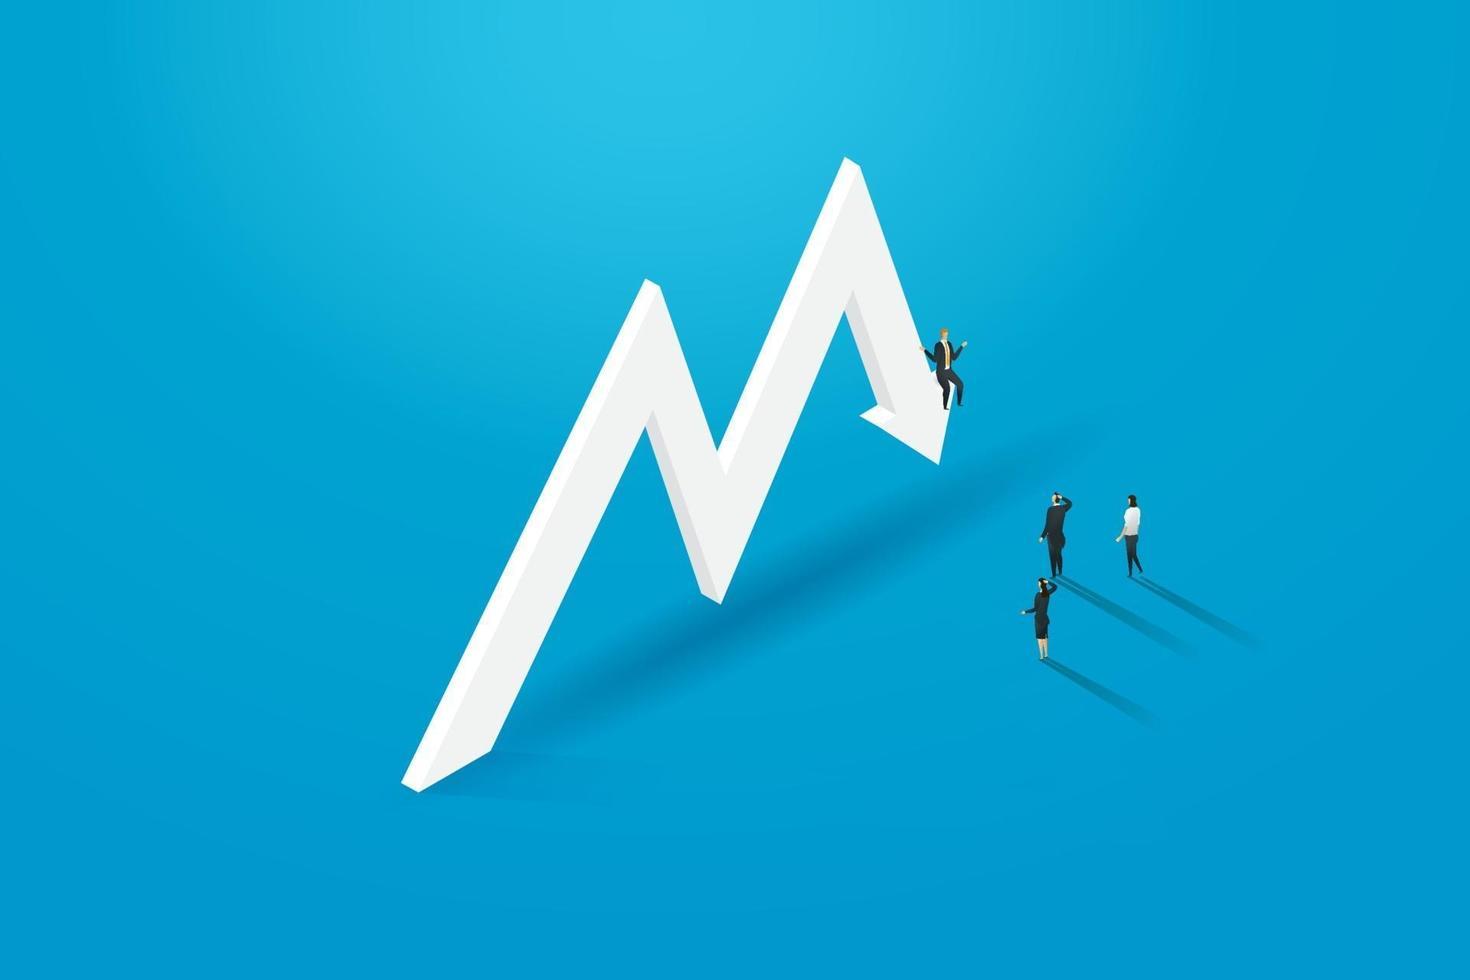 investidor de empresários enfrentando recessão econômica e não sucesso. vetor